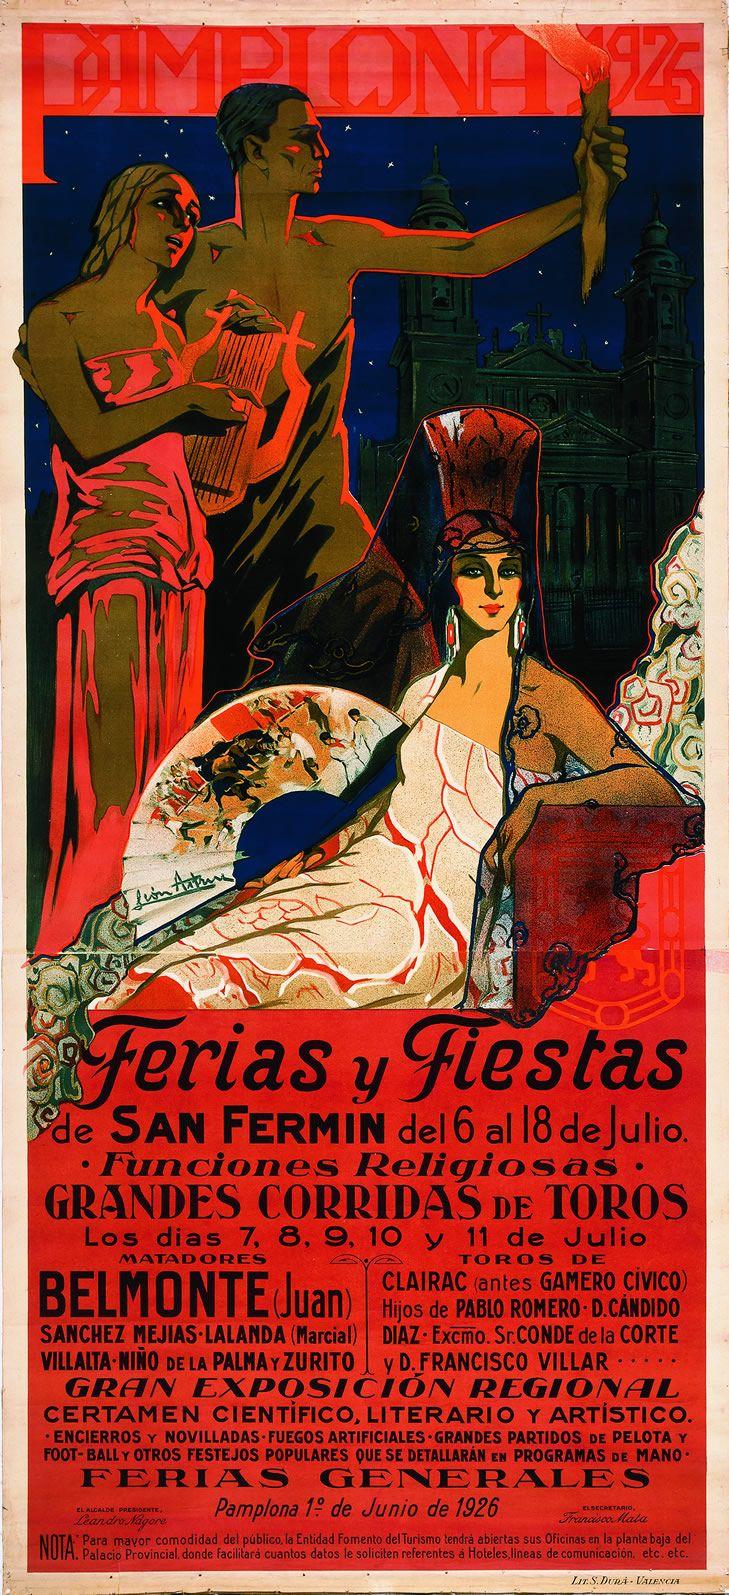 Cartel de los Sanfermines de 1926 - Fiestas y ferias de San Fermín, Pamplona :: Autor: Manuel León Astruc #Pamplona